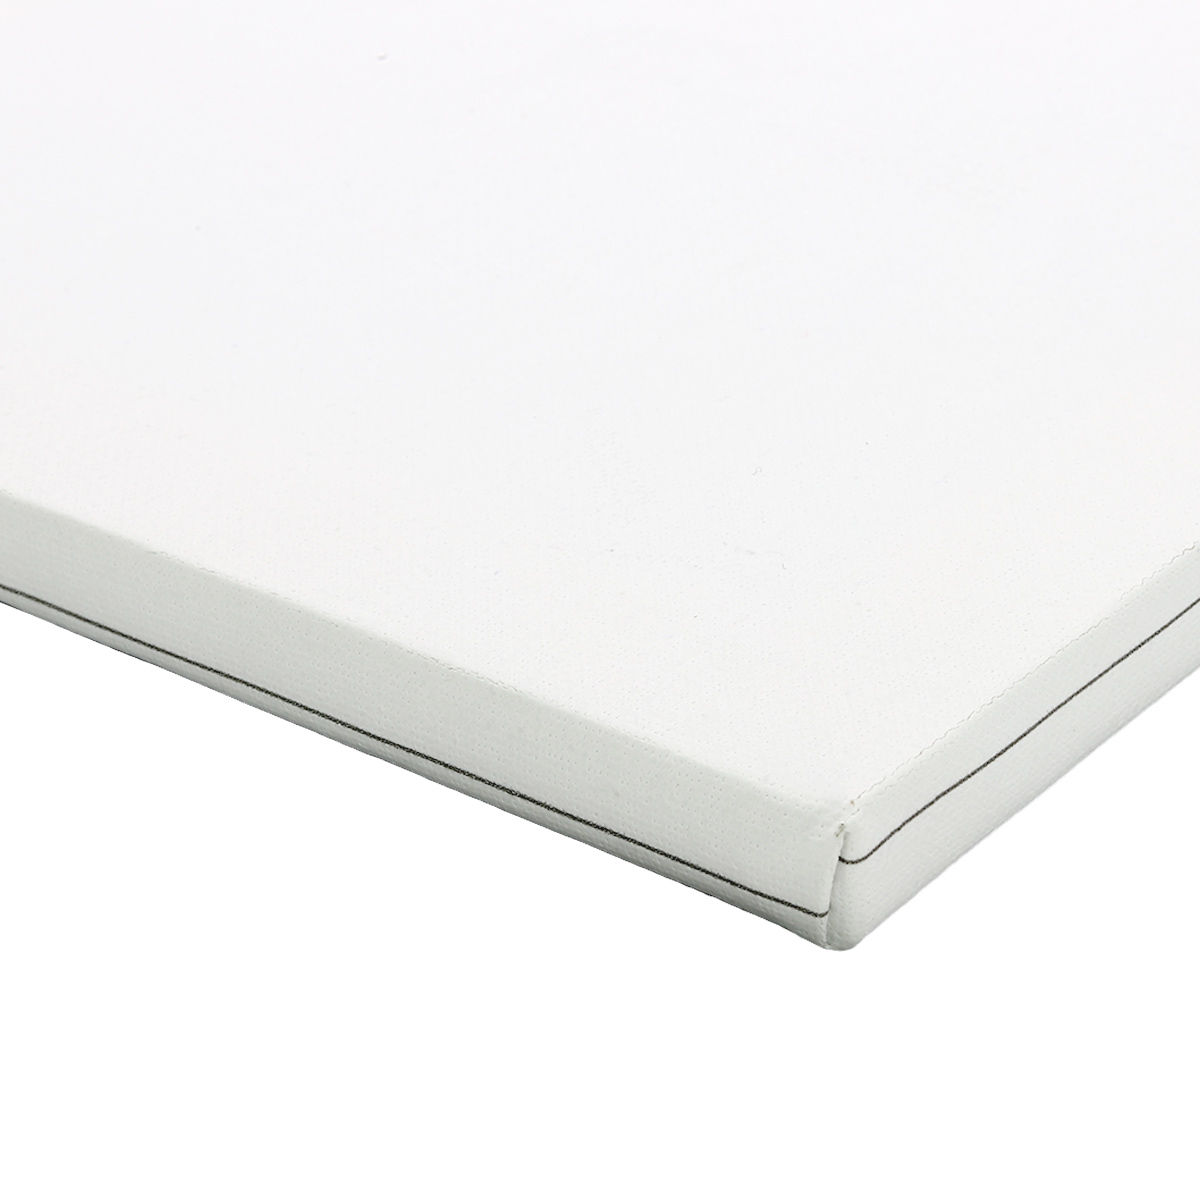 Hs9002 lona en camilla de algodón 30*40 cm